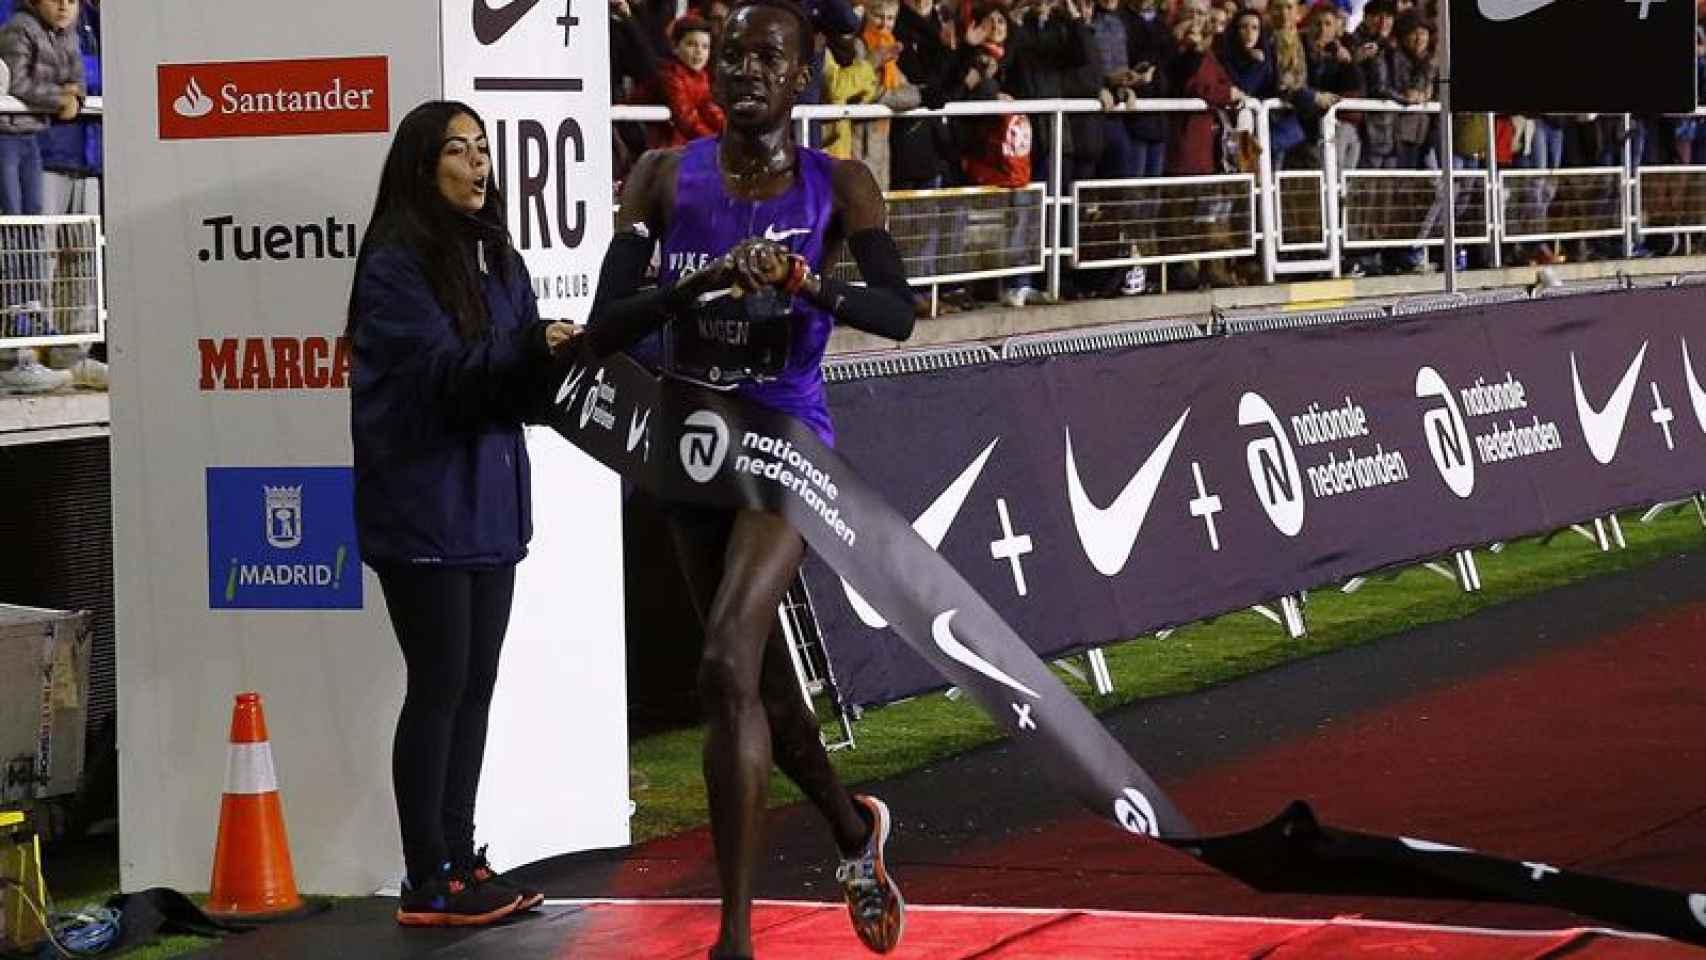 El atleta turco-keniata Mike Kigen a su llegada a la meta como vencedor de la tradicional San Silvestre Vallecana.